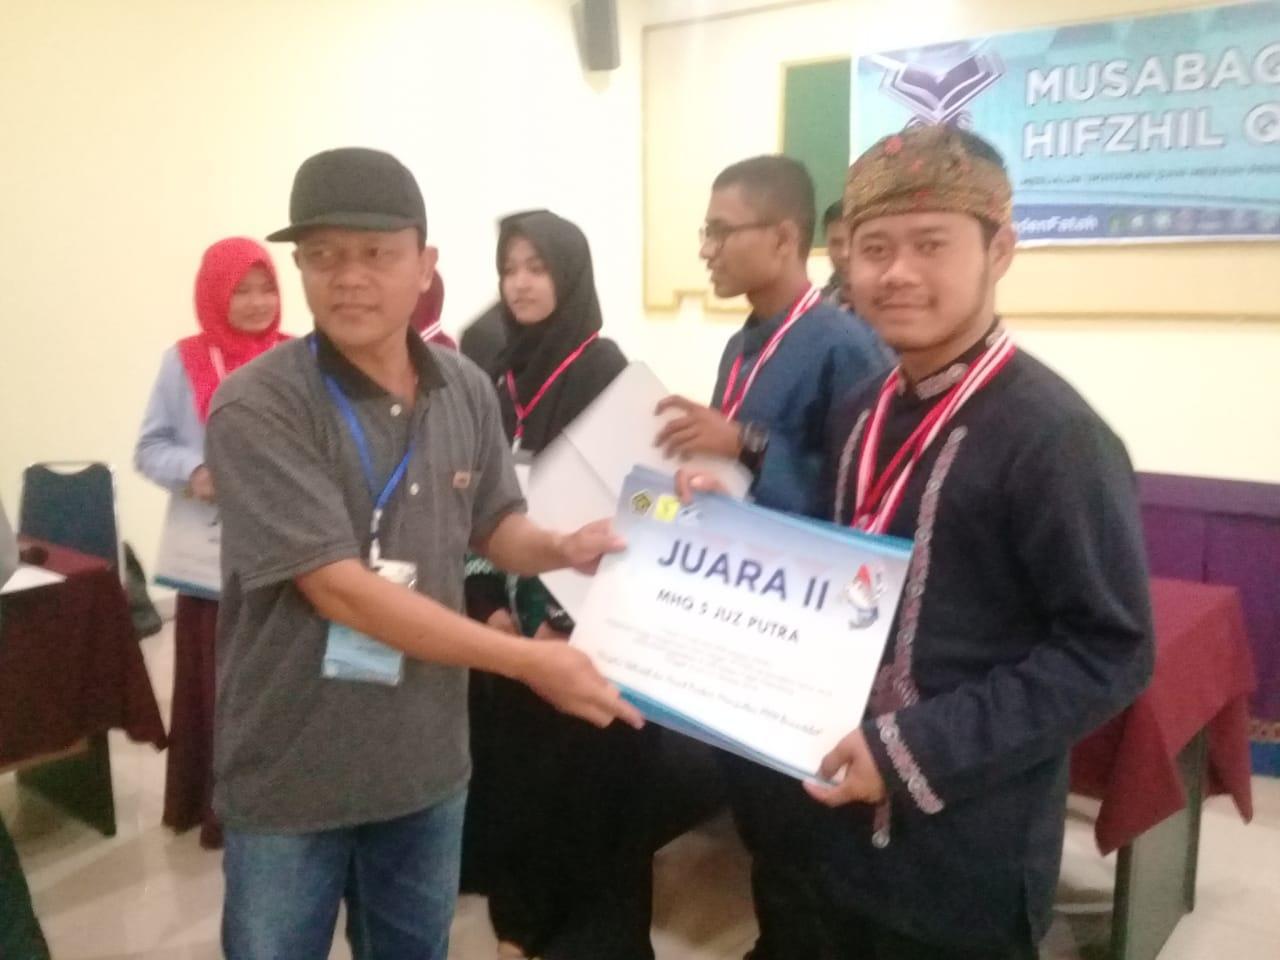 Juara II Musabaqoh Hafzil Qur`an 5 Juz Putra se- Sumatra